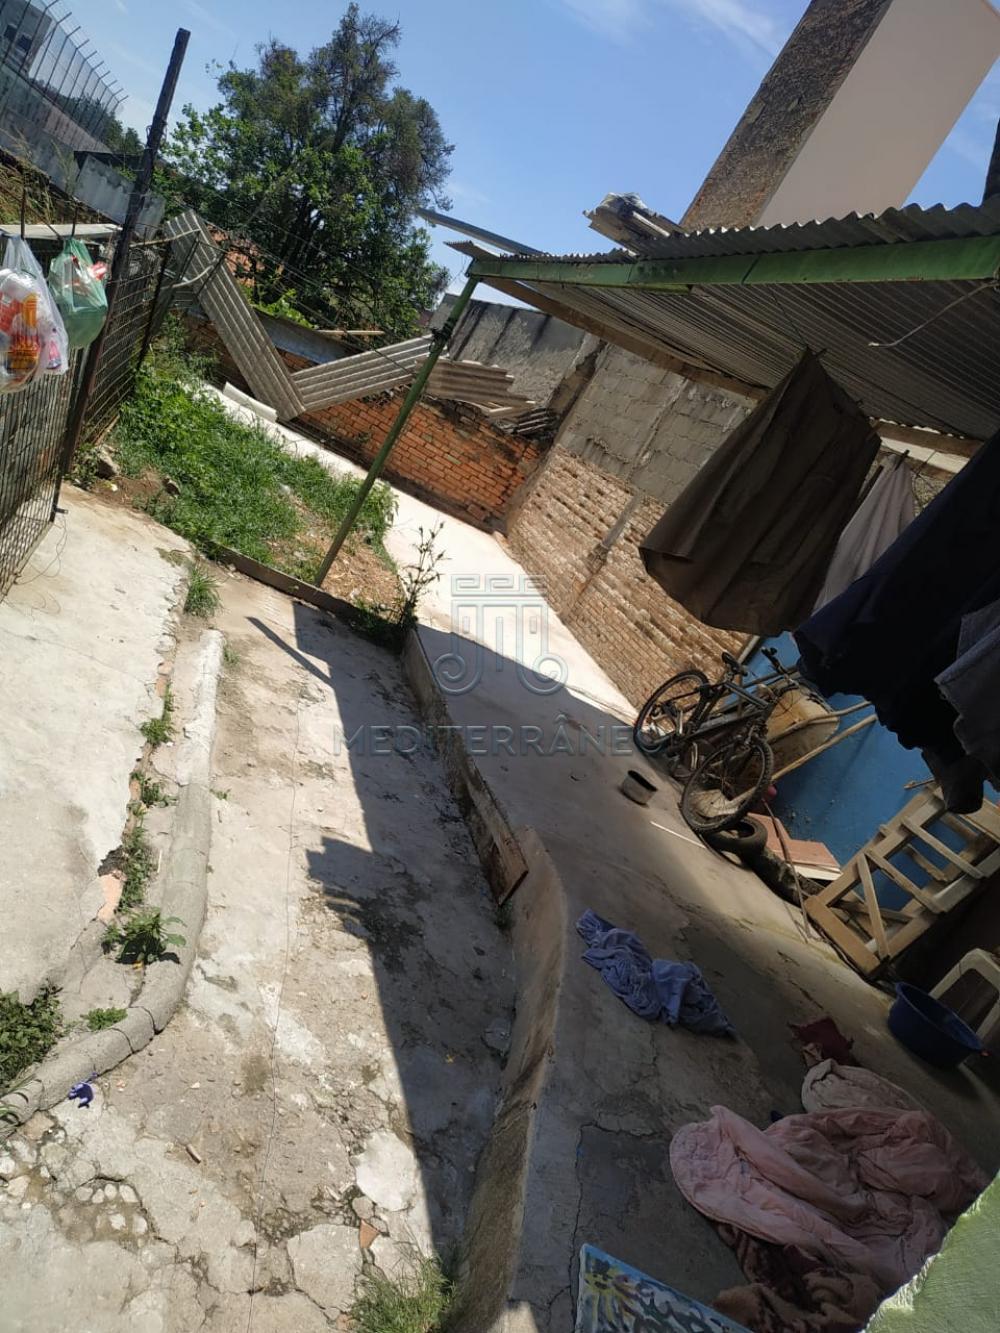 Comprar Casa / Padrão em Jundiaí apenas R$ 280.000,00 - Foto 4